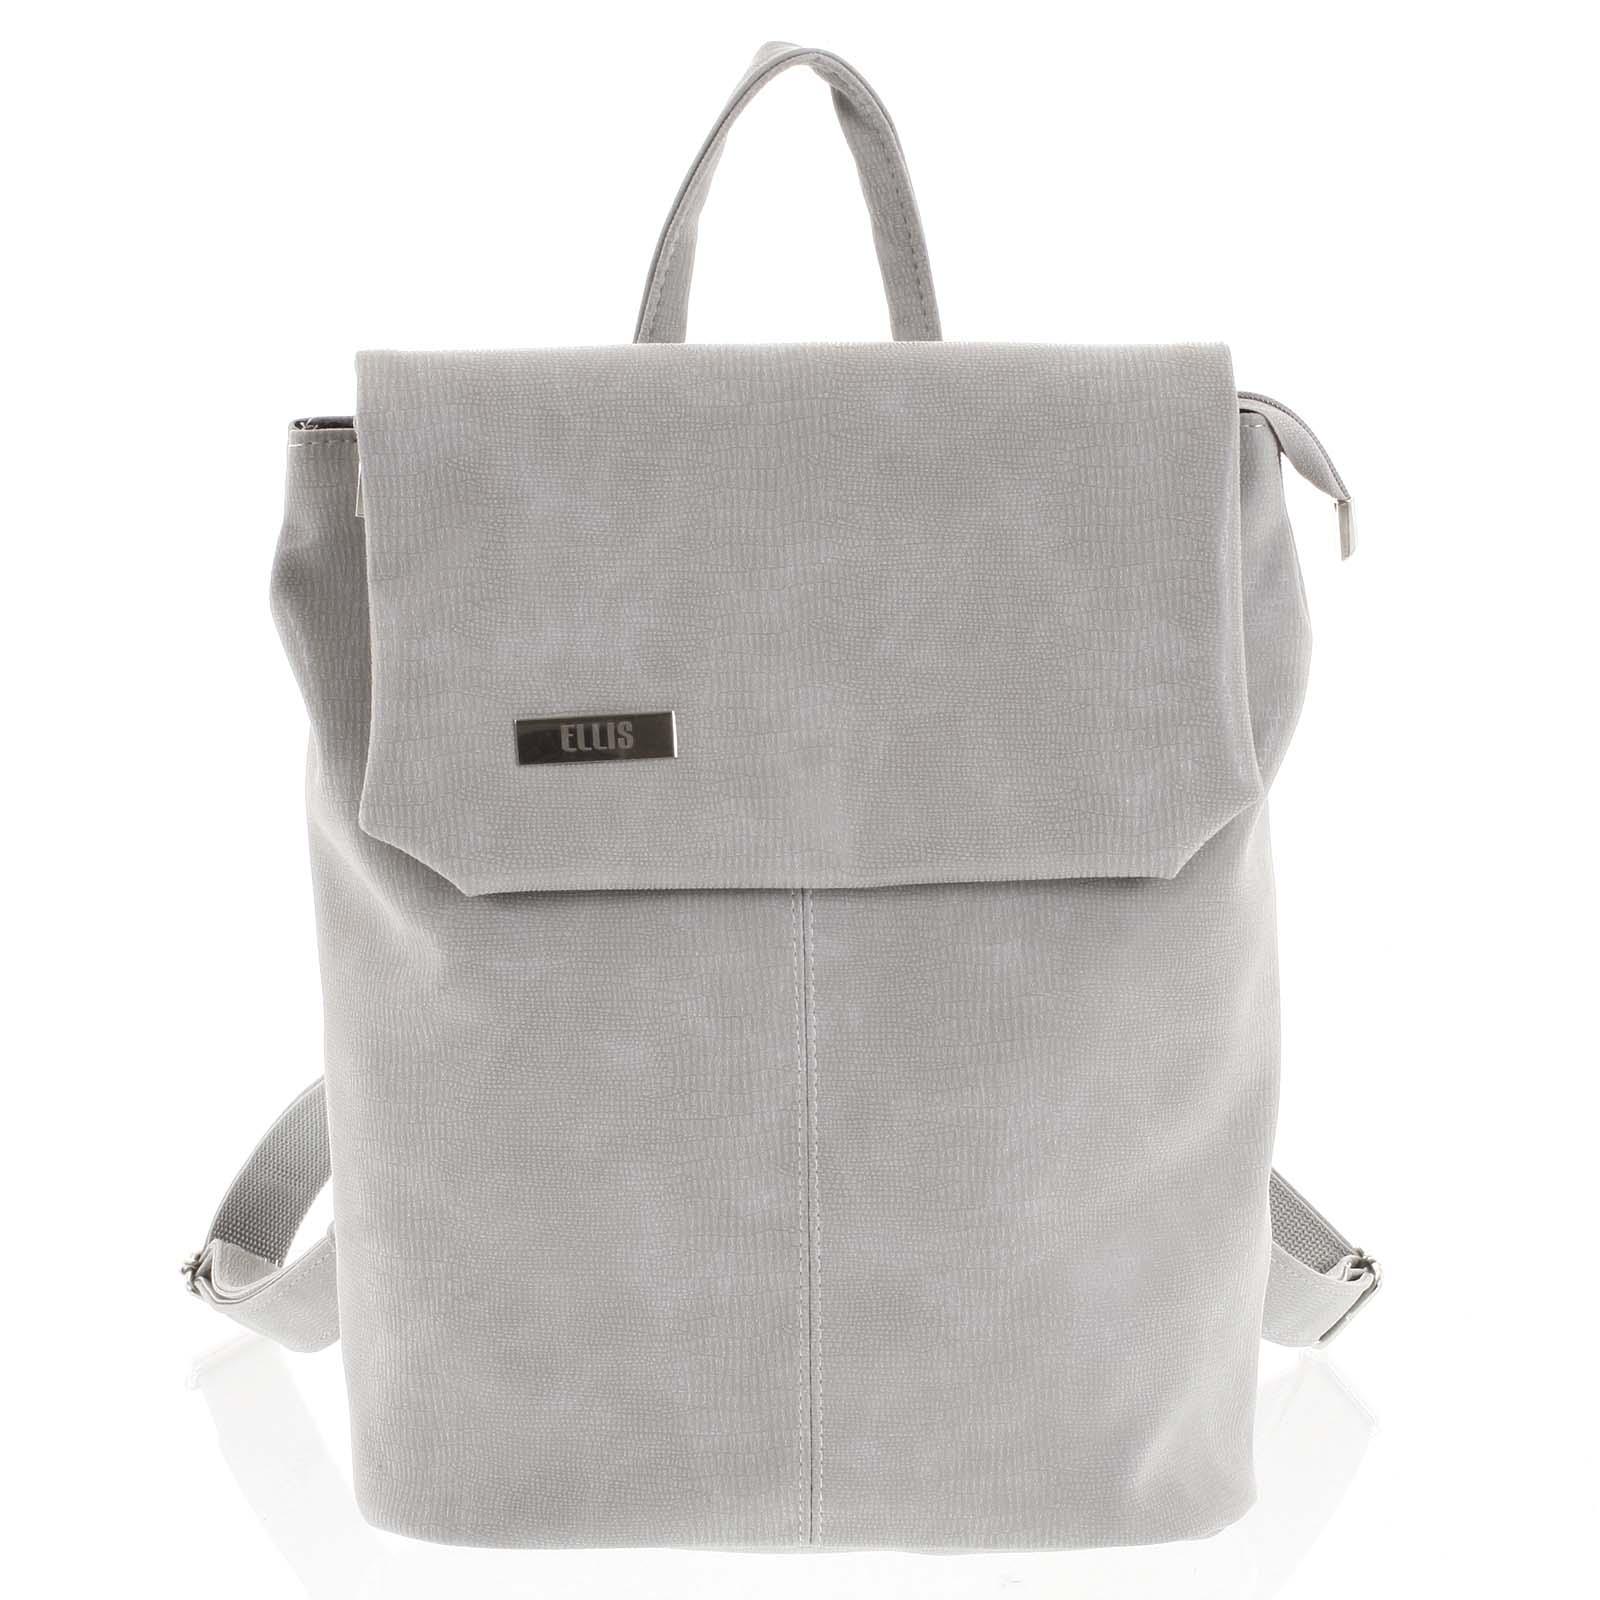 Větší měkký dámský moderní světle šedý batoh - Ellis Elizabeth